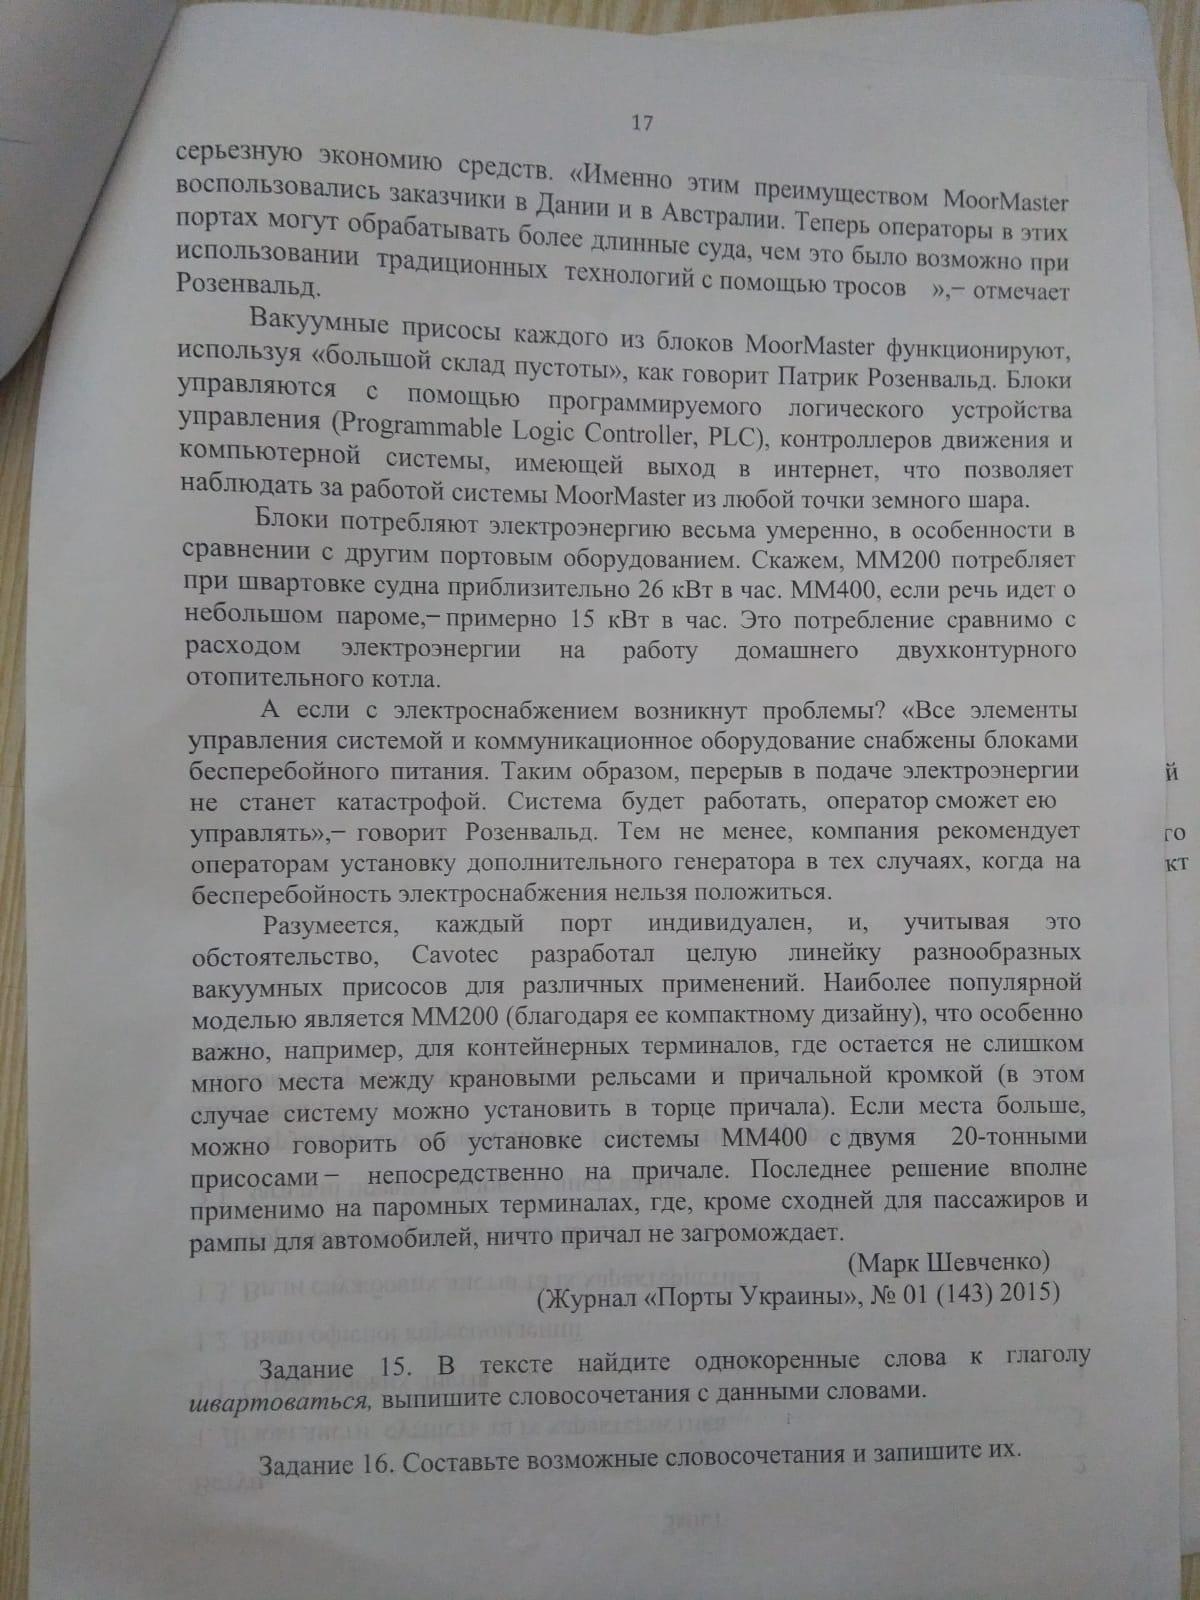 Помогите с русским ответить на вопросы с 17 по 21,